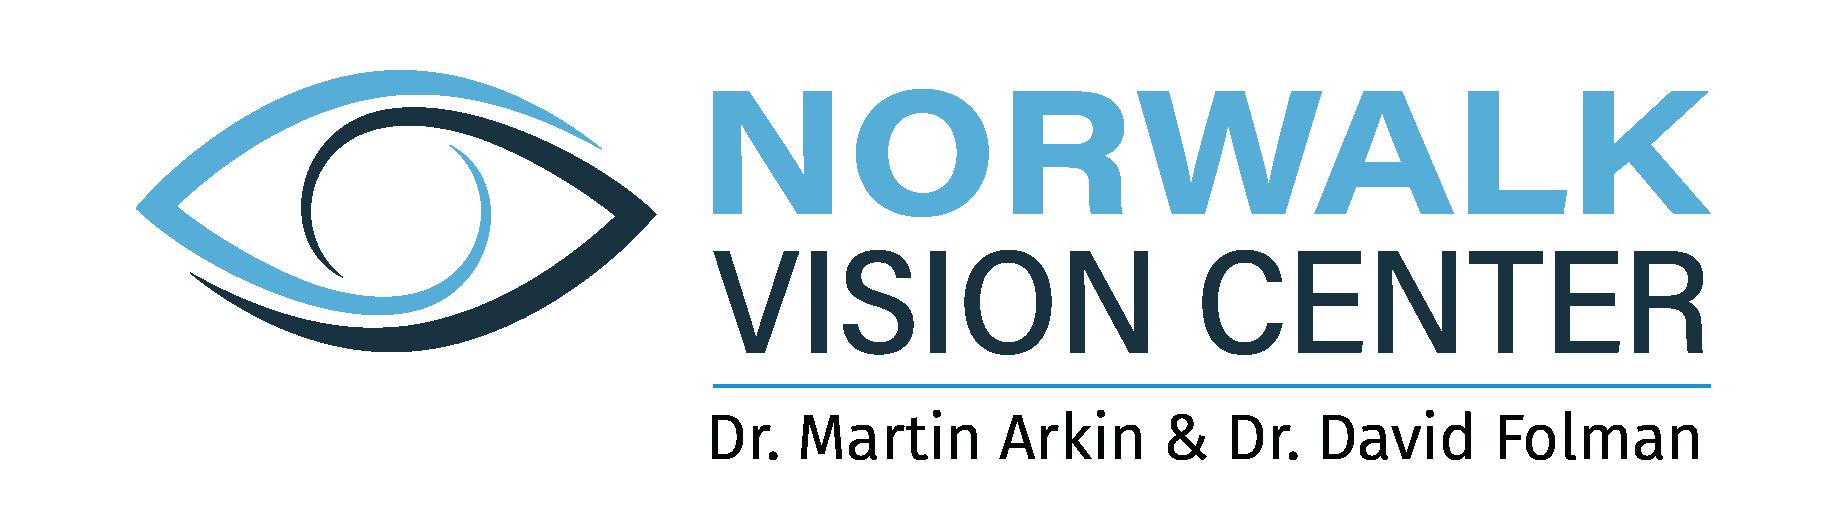 Norwalk Vision Center